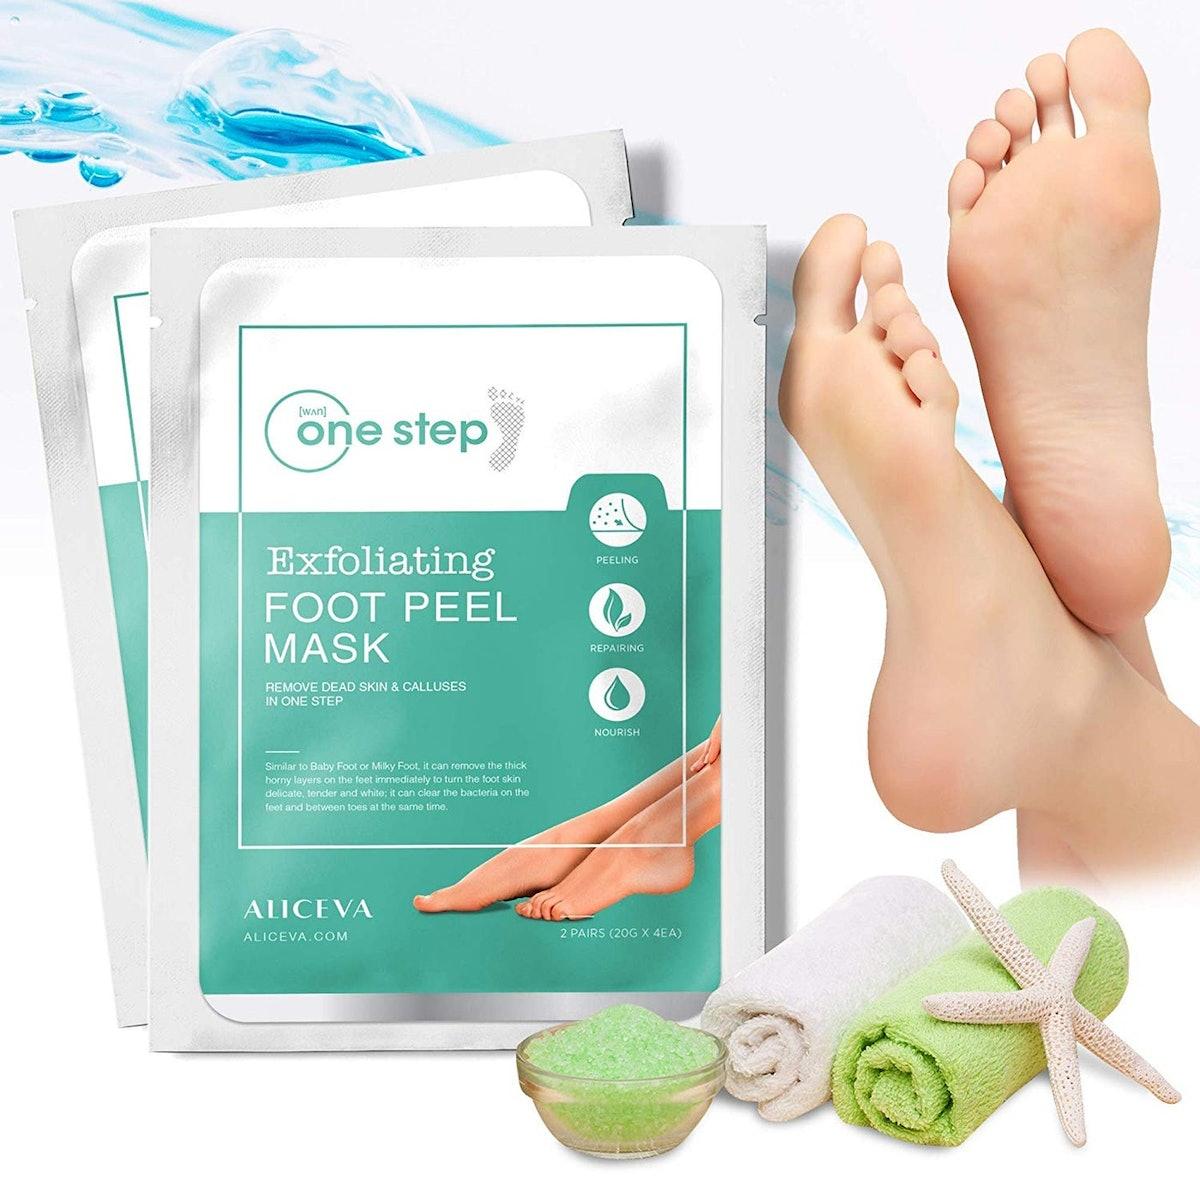 Aliceva One Step Foot Peel Mask